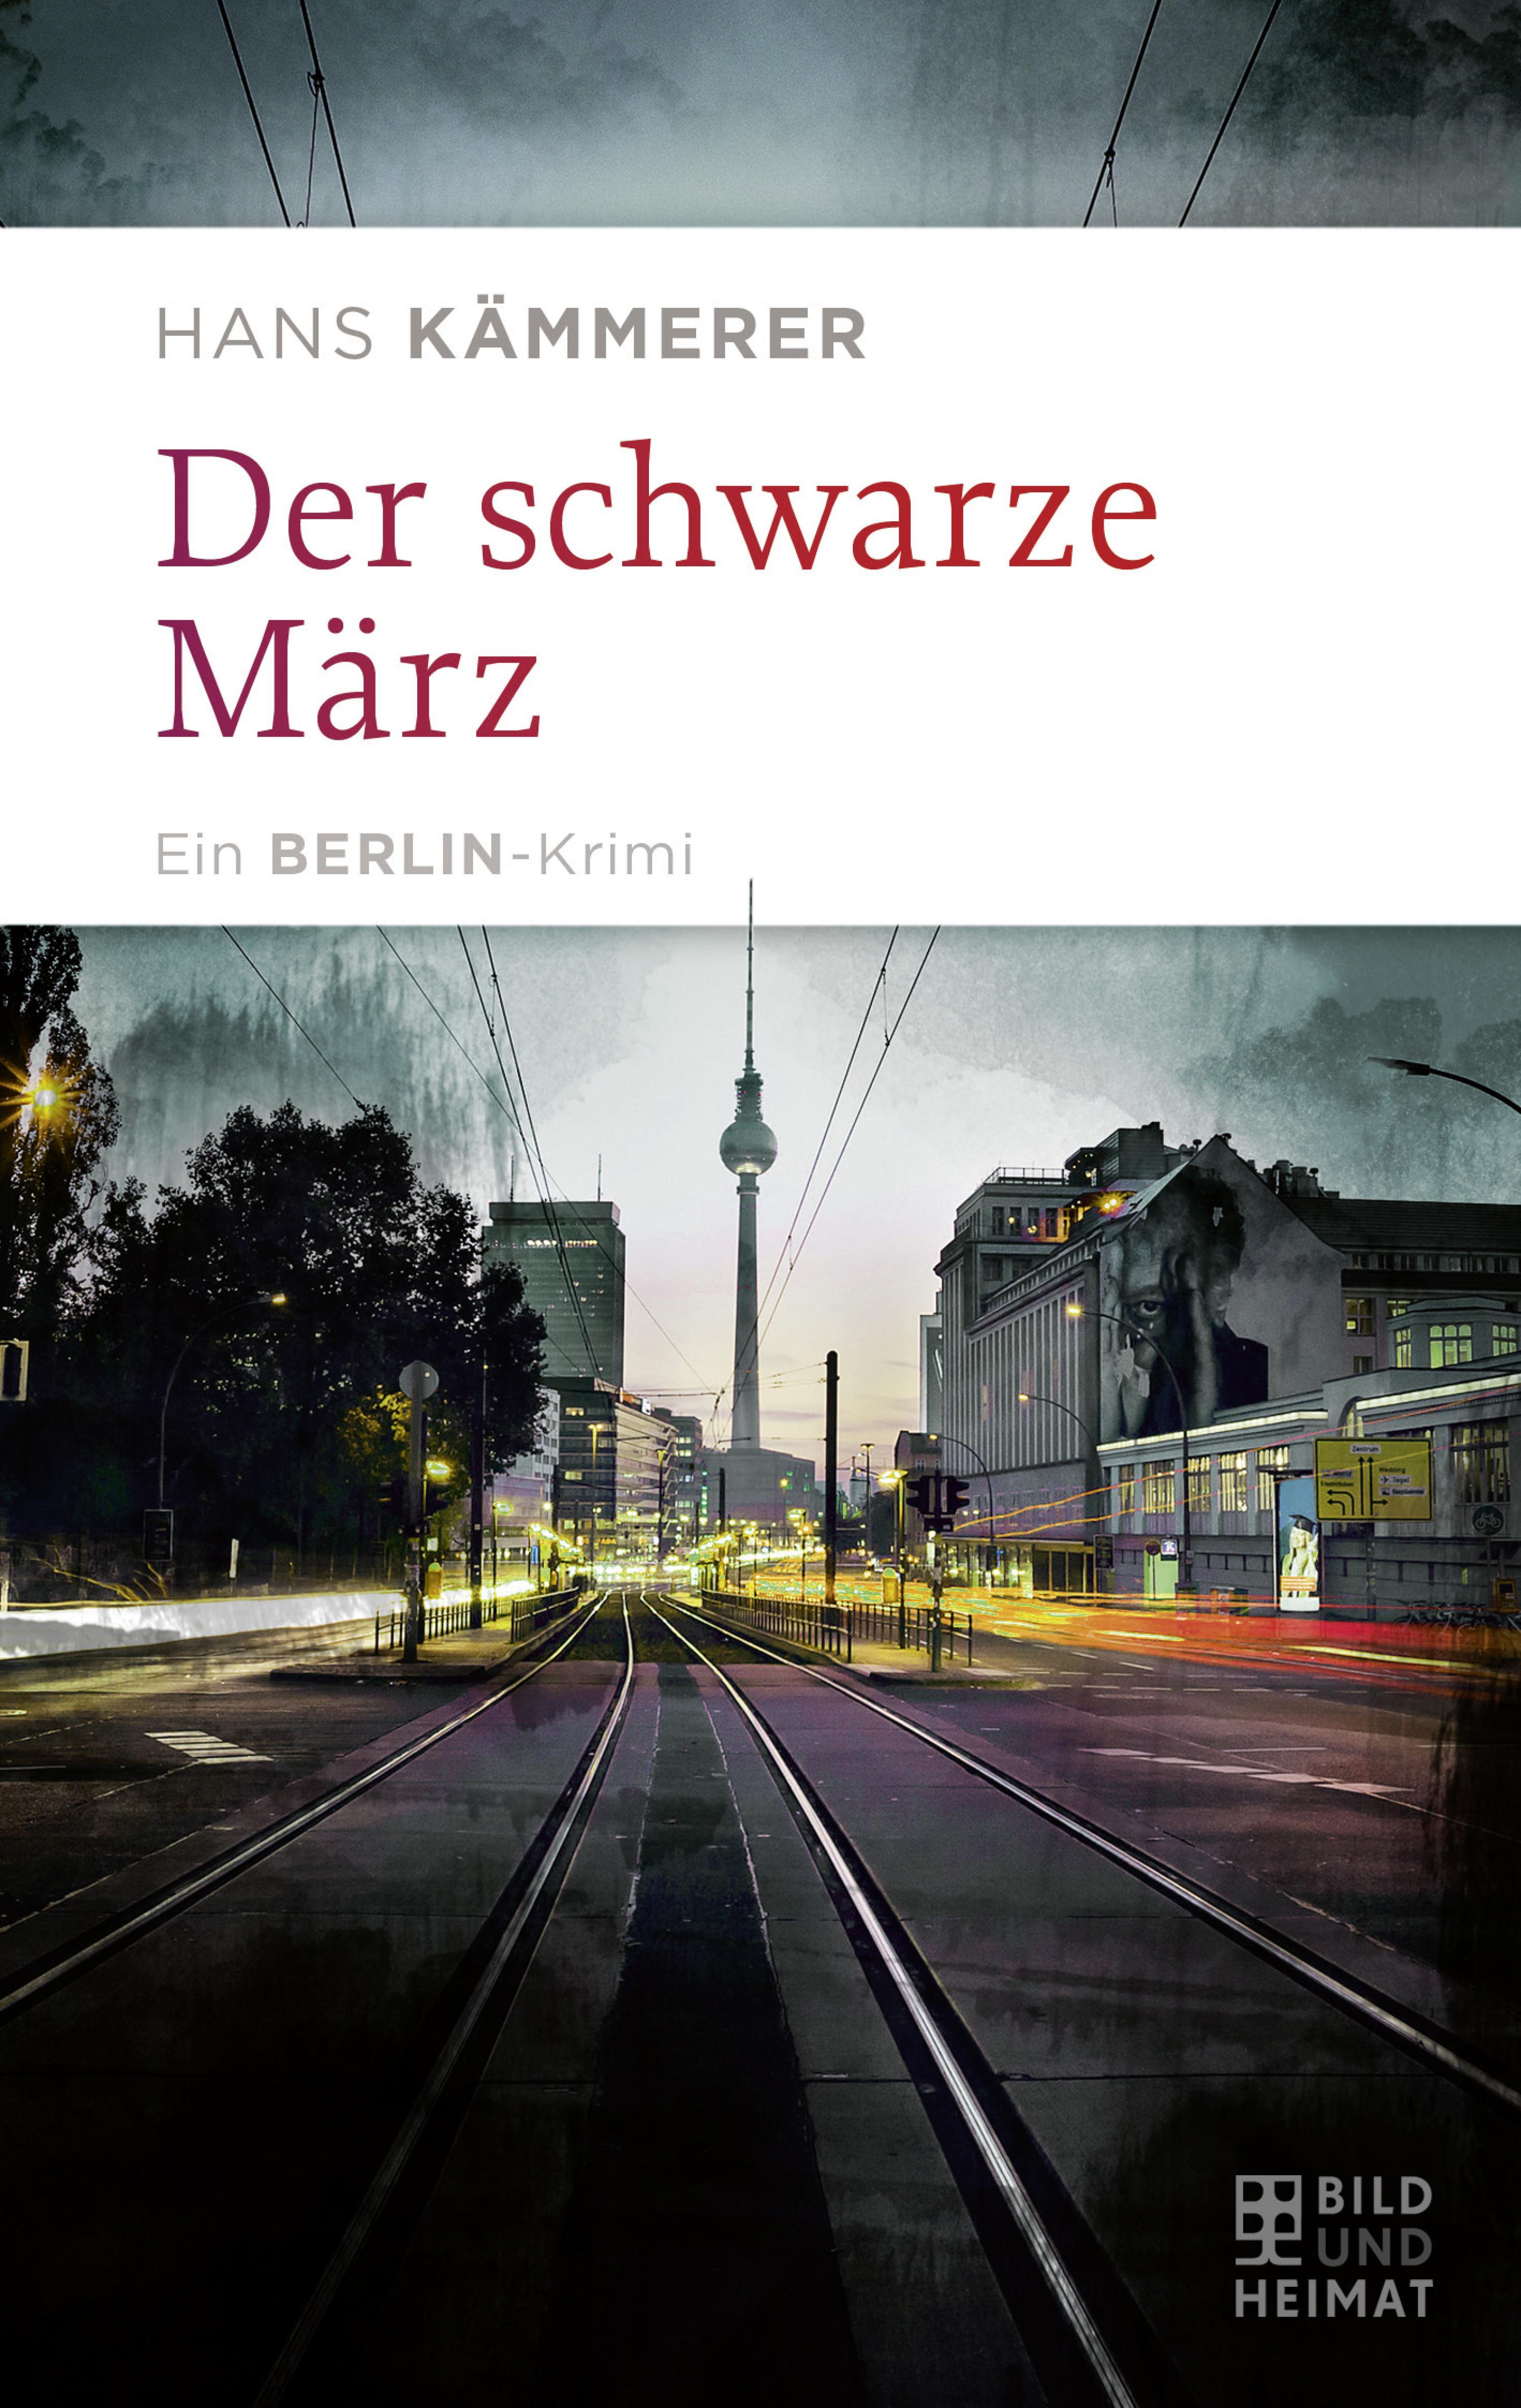 Hans Kämmerer Der schwarze März remarque e der schwarze obelisk isbn 9785992511062